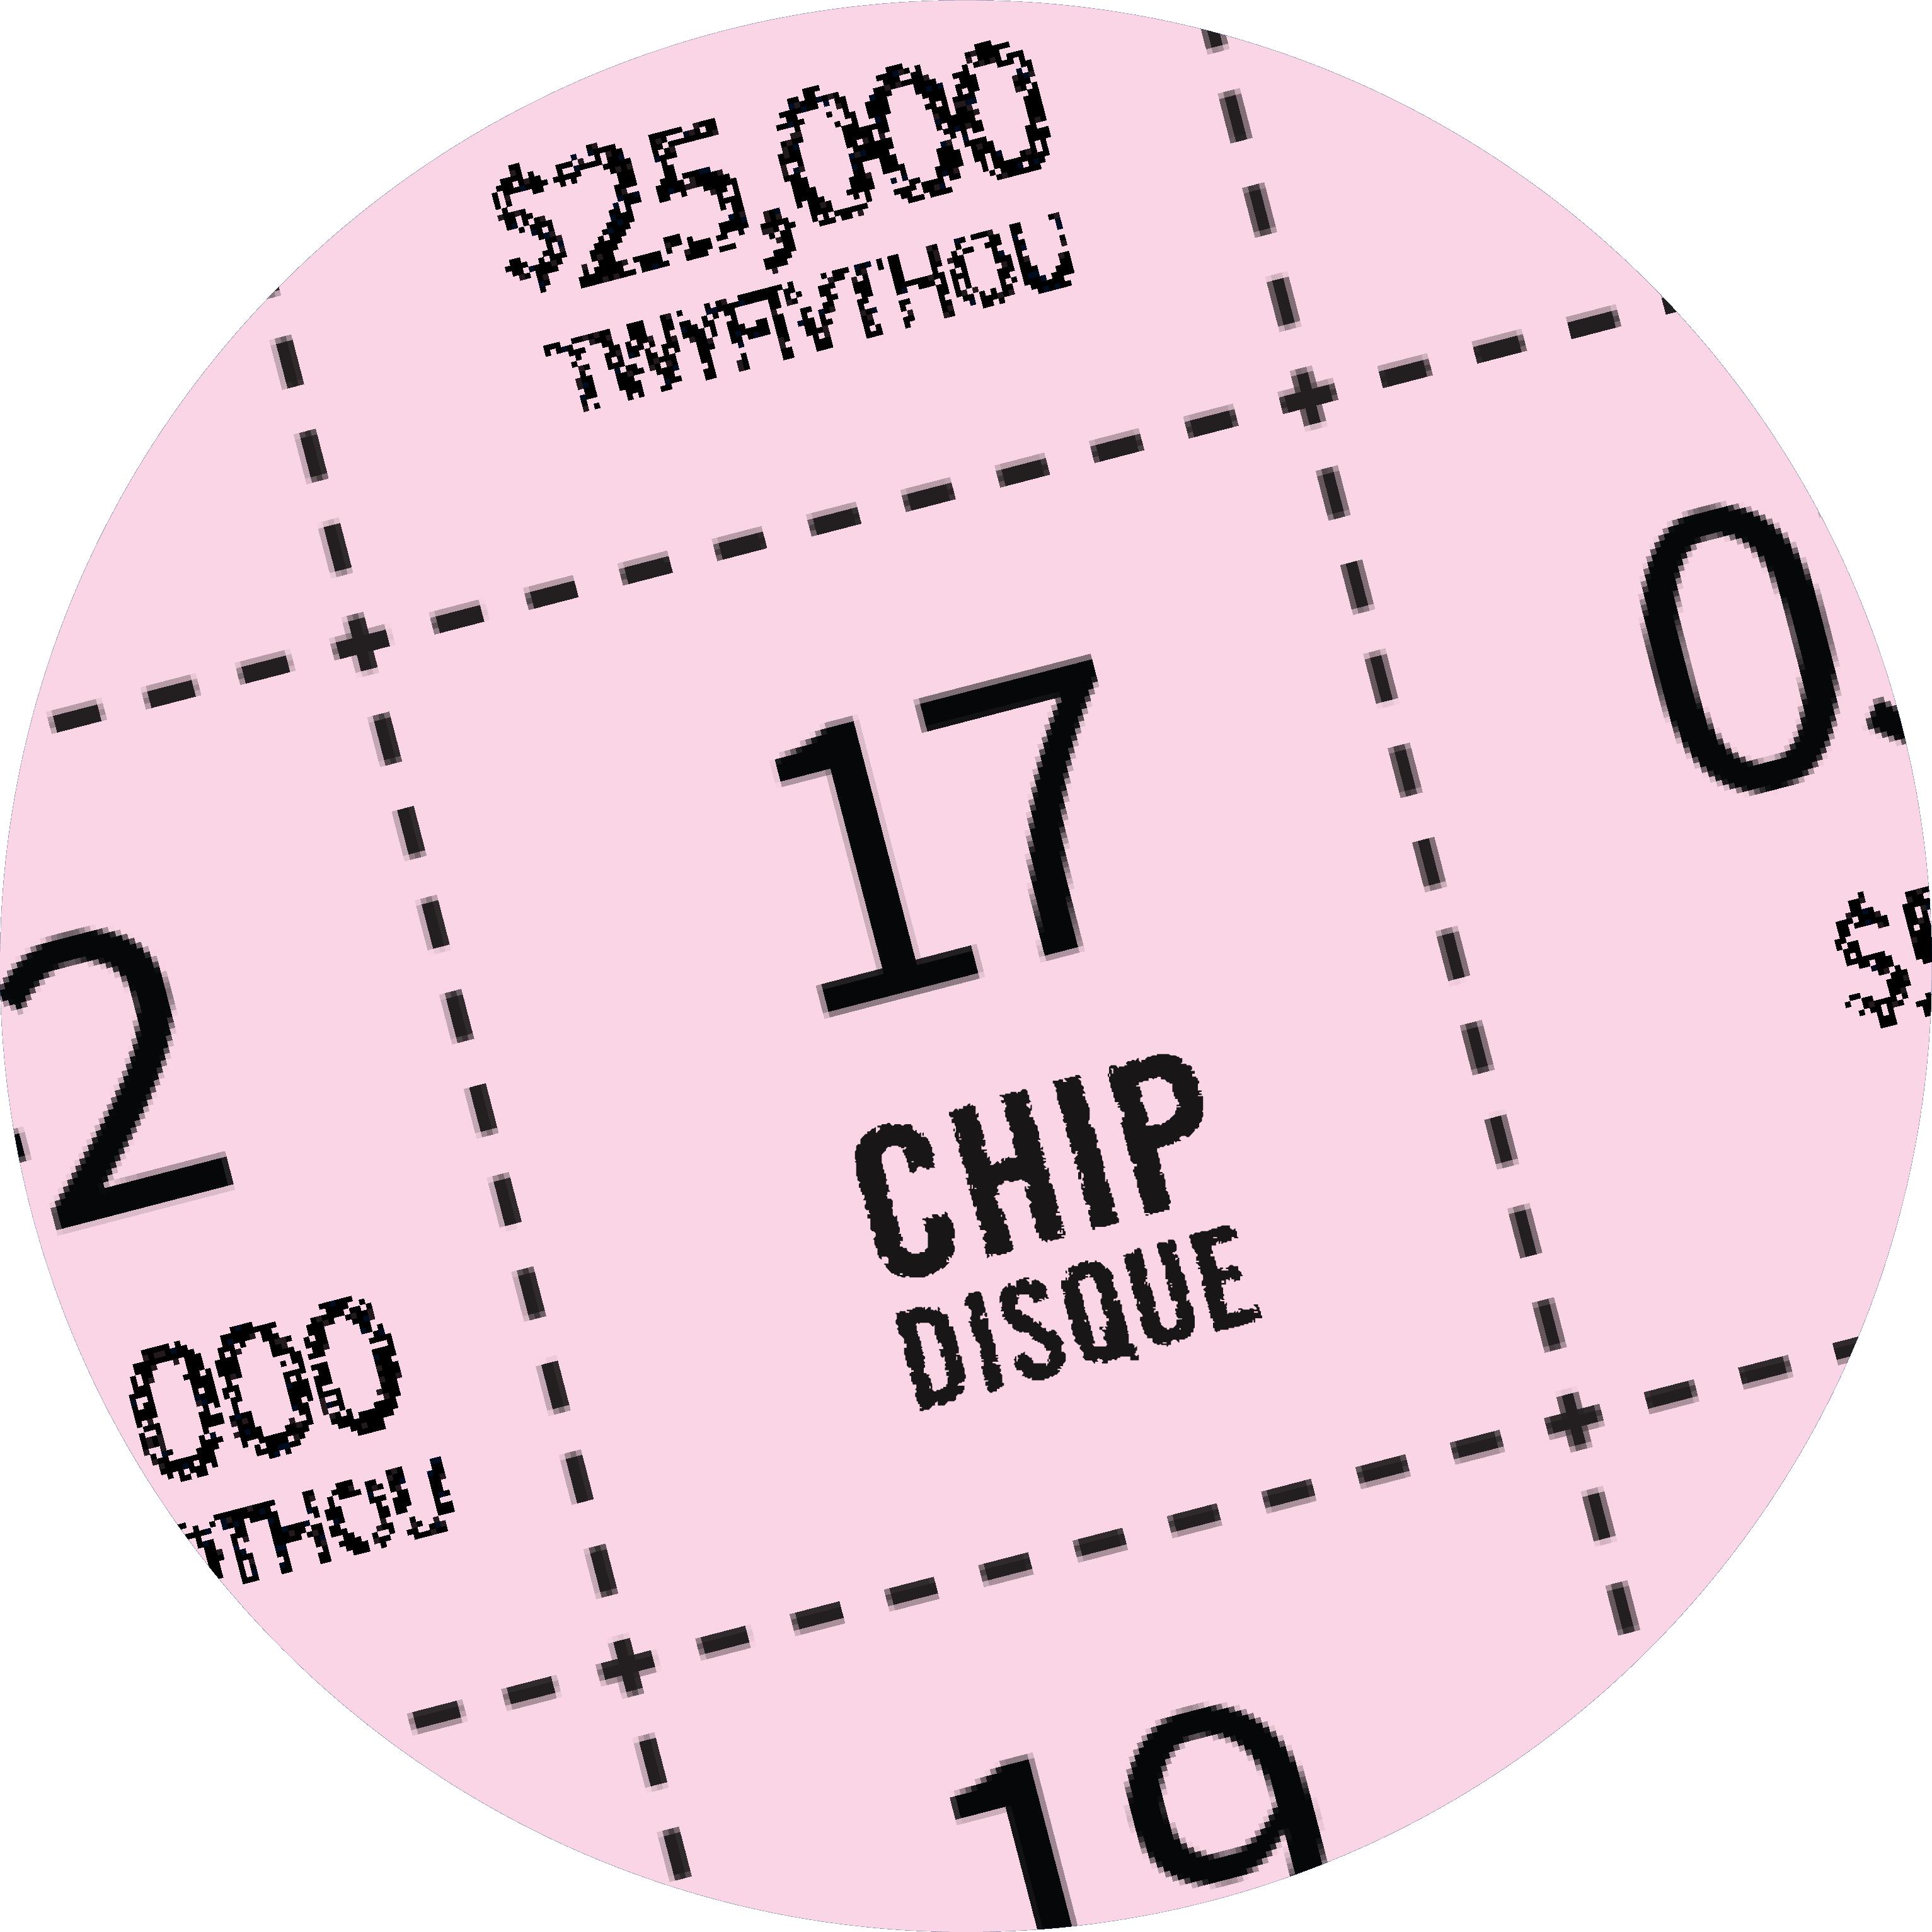 Un gros plan de la surface de jeu VOS NUMÉROS du billet INSTANT PLINKO montre « DISQUE ».